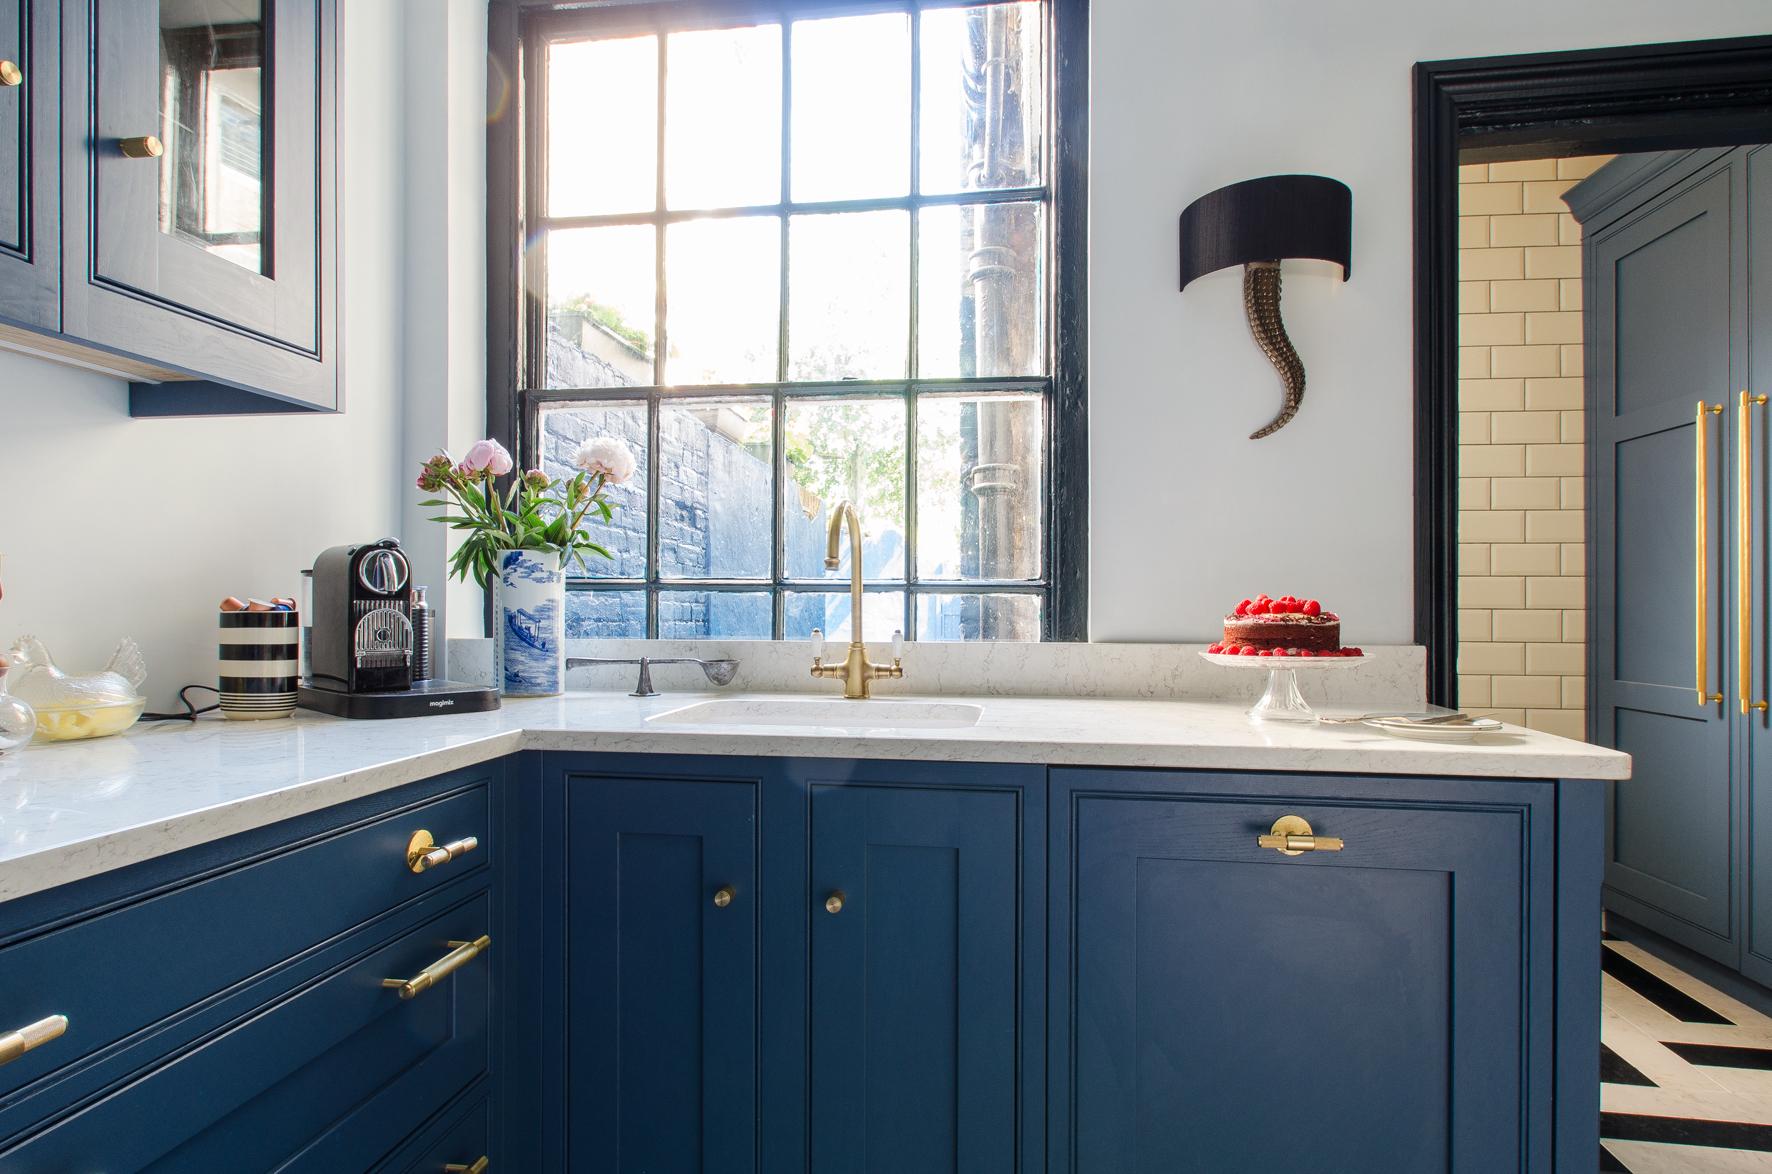 Bule painted kitchen